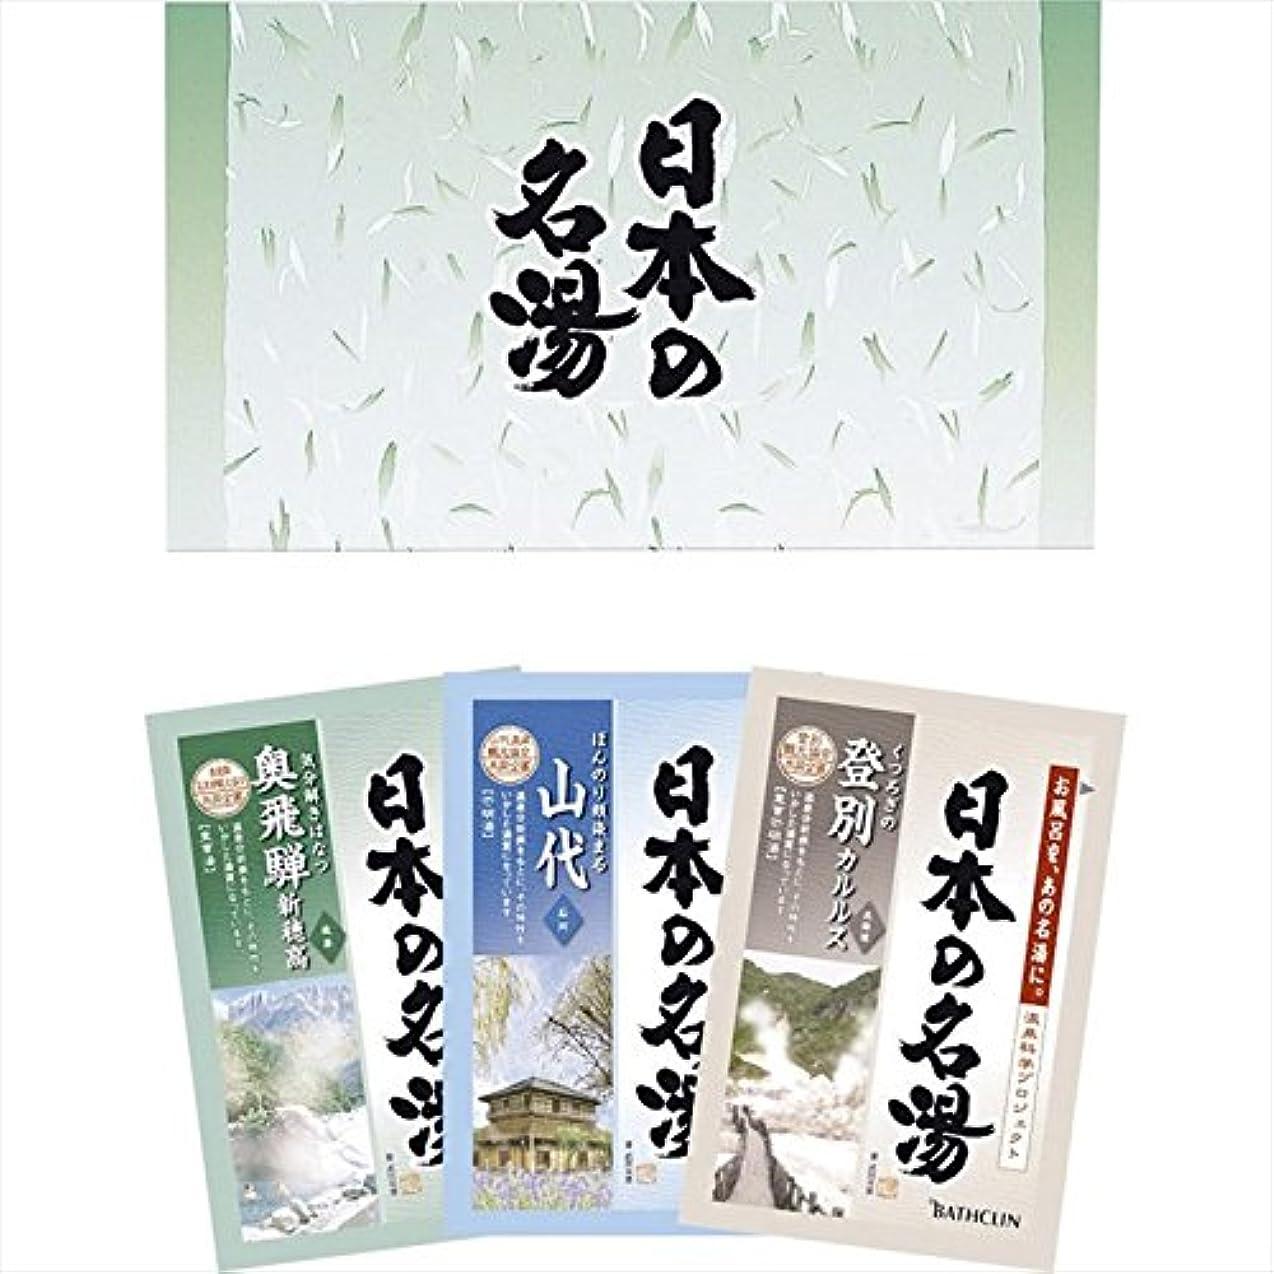 件名アウトドア確認バスクリン 日本の名湯 3包セット 【ギフト プレゼント 贈り物 引っ越し 引越 ひっこし 販促 景品 バス 入浴 風呂 F7388-08】